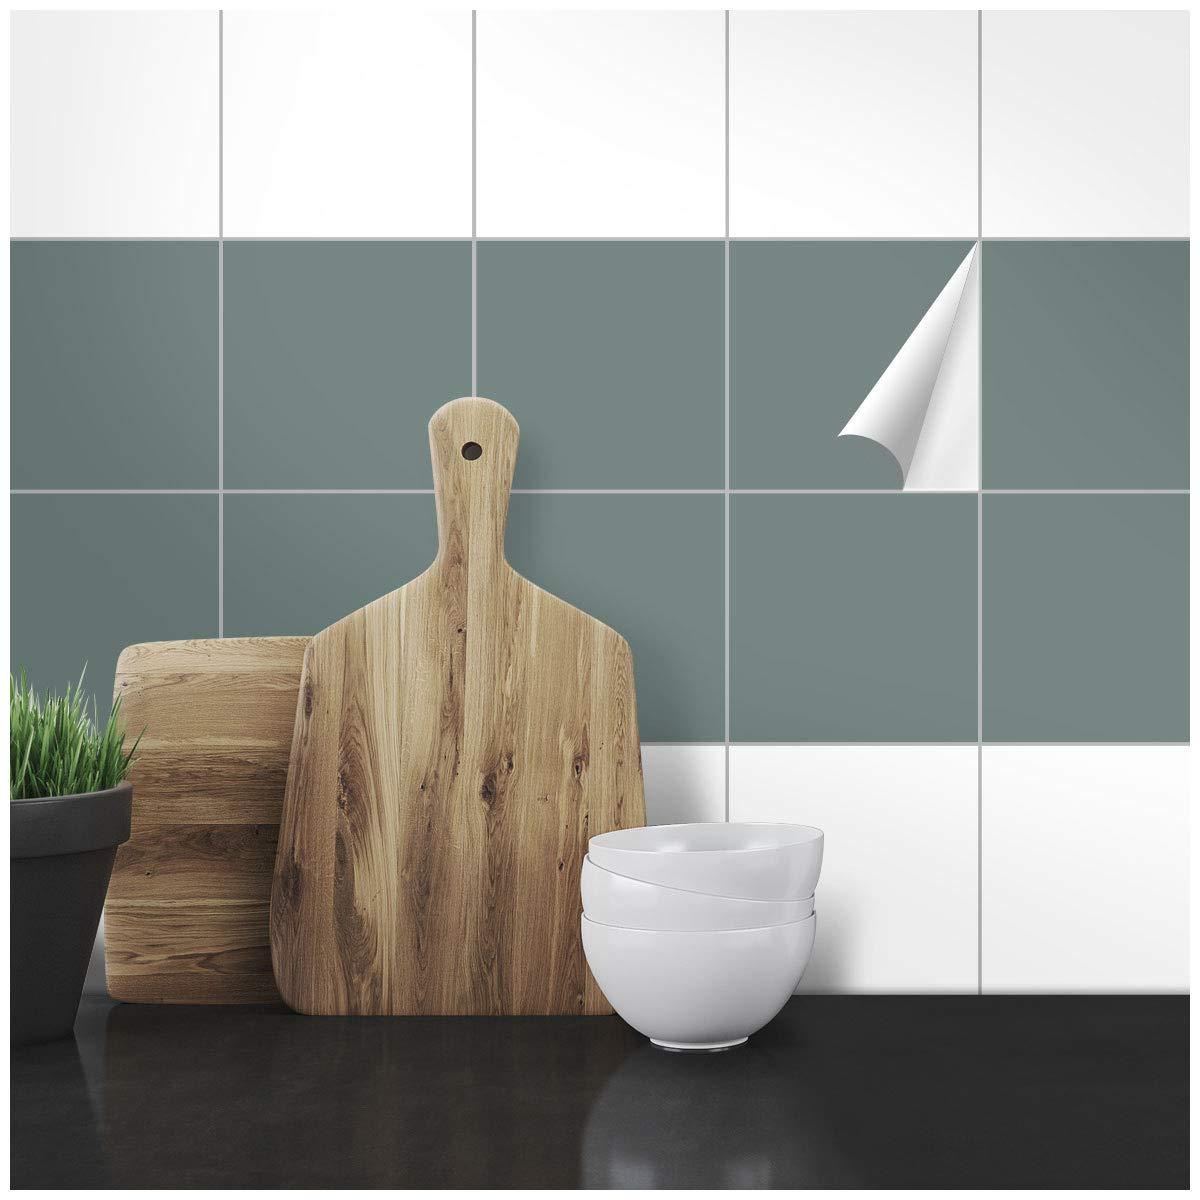 Wandkings Fliesenaufkleber - 14,8 x 14,8 cm, 300 Stü ck fü r Fliesen in Badezimmer, Kü che & mehr